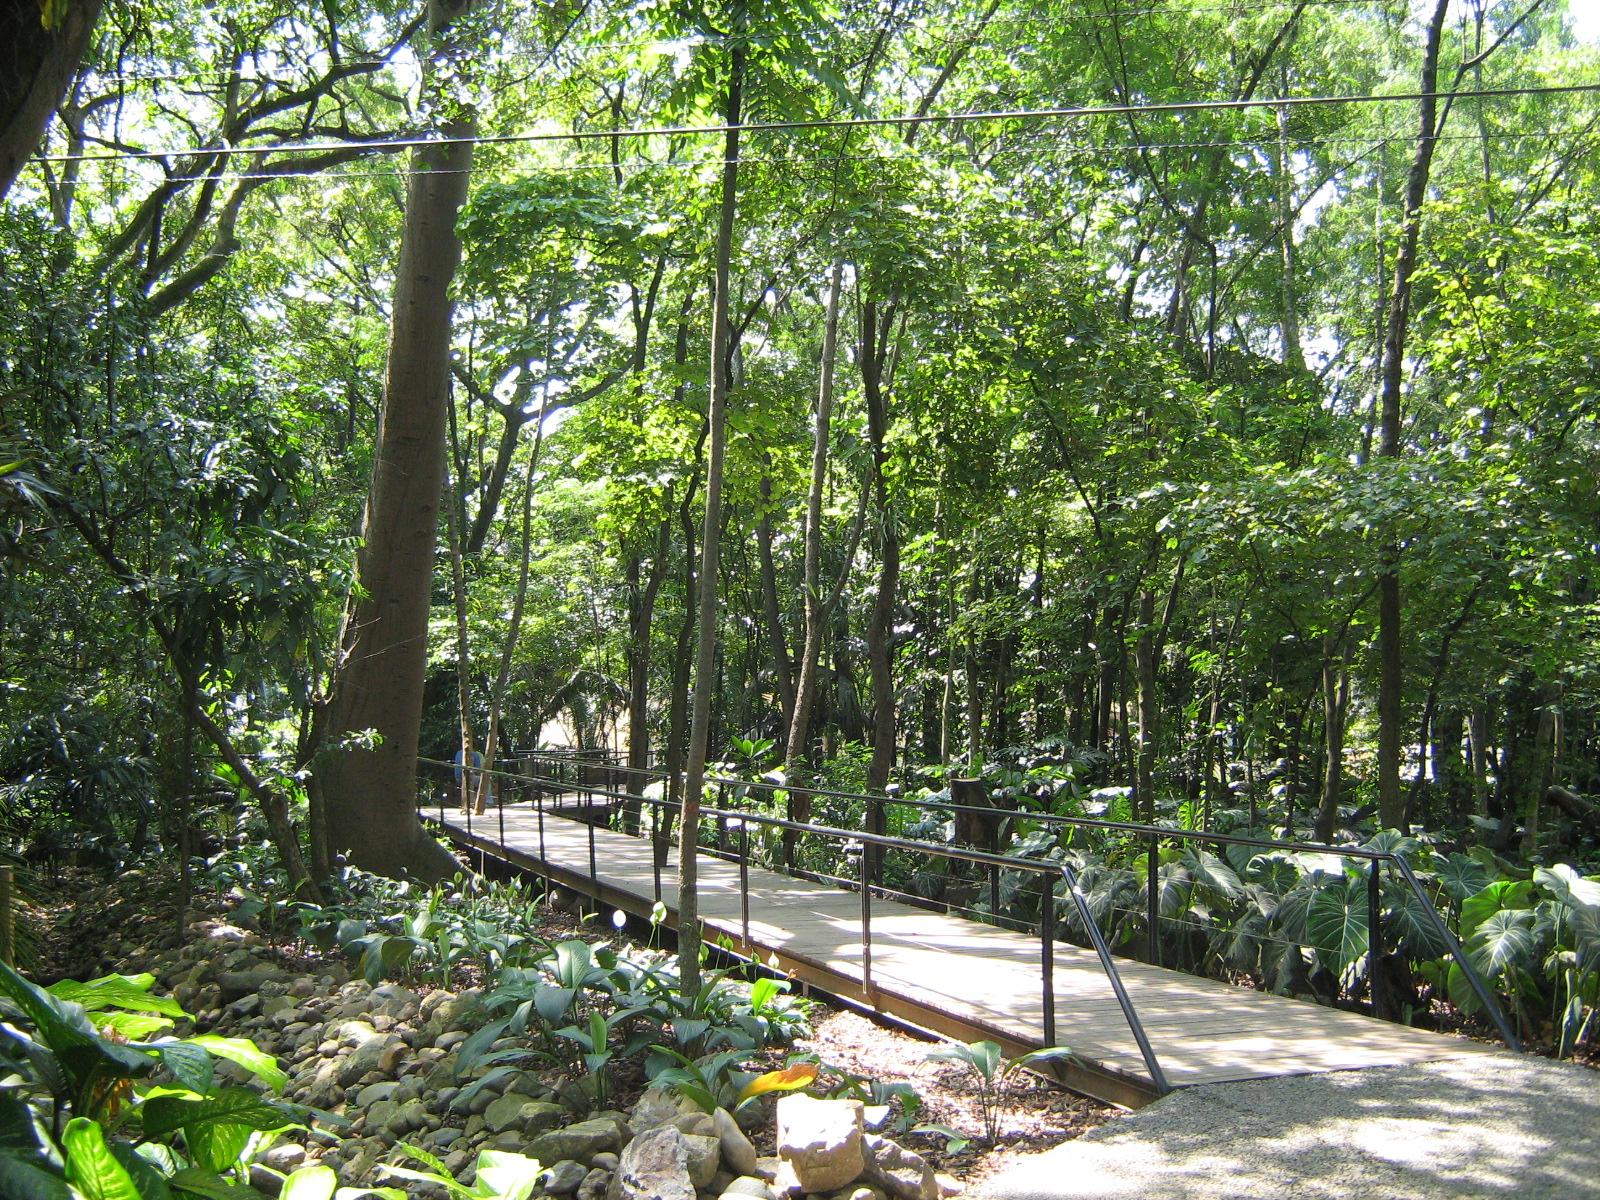 Jard n bot nico en rio uyama for Arboles del jardin botanico